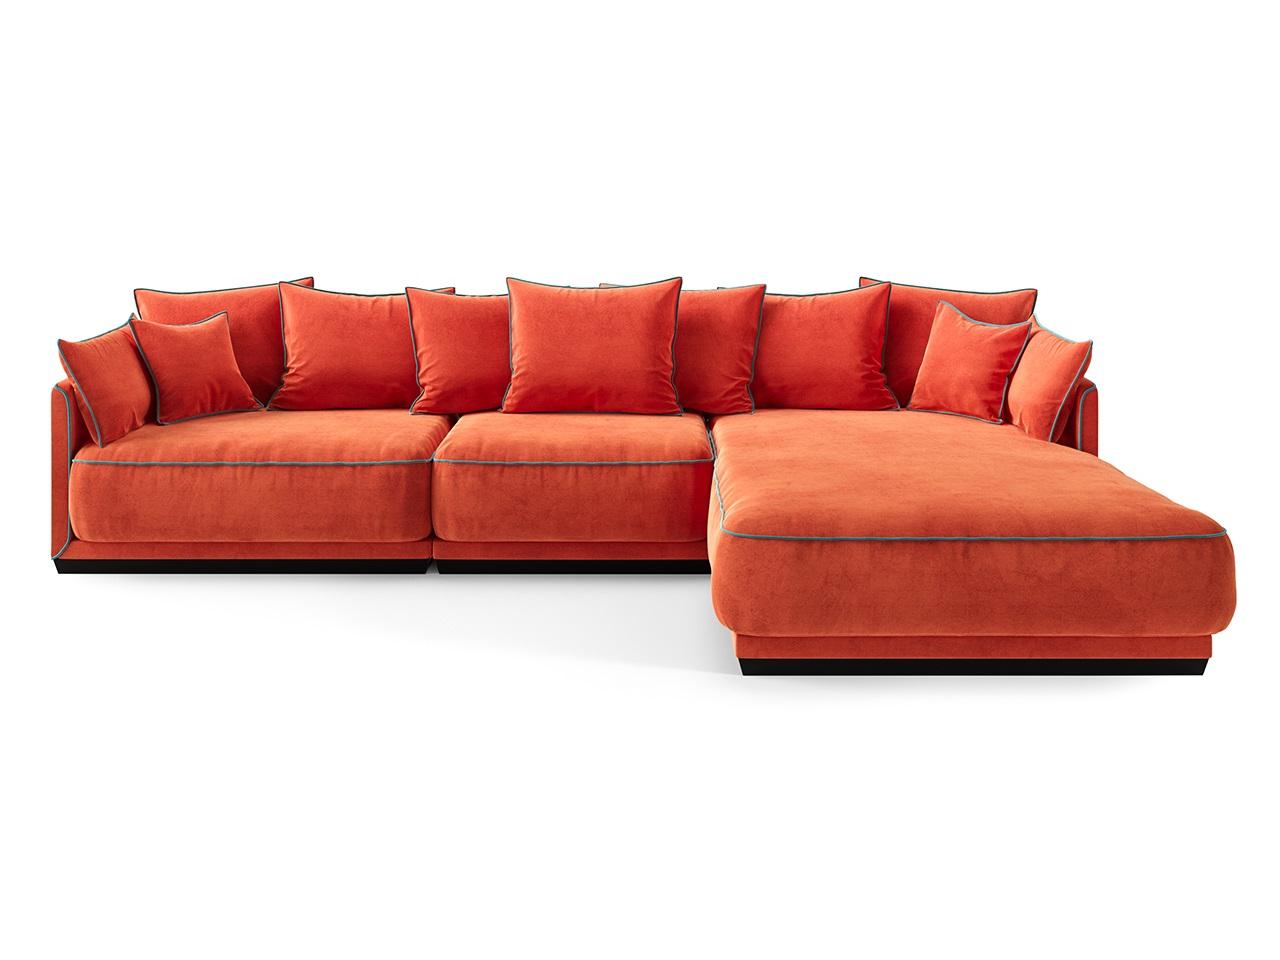 Диван SohoМодульные диваны<br>В коллекции модульных диванов SOHO гармонично сочетаются мягкие пуховые подушки, удобные и глубокие нижние подушки,основательный цоколь и прочный каркас из массива березы. Изюминкой коллекции стали декоративные канты, цвет которых можно выбрать наравне с основной отделкой диванов из палитры The IDEA. Дополняют образ плавные боковые линии каркаса. Цвет канта можно выбрать из палитры тканей Категории 2.&amp;lt;div&amp;gt;&amp;lt;br&amp;gt;&amp;lt;/div&amp;gt;&amp;lt;div&amp;gt;&amp;lt;div&amp;gt;Материал: массив березы, фанера, обивка - ткань, прорезиненный пенополиуретан, холлофайбер,&amp;amp;nbsp;&amp;lt;/div&amp;gt;&amp;lt;div&amp;gt;пух-перо&amp;lt;/div&amp;gt;&amp;lt;/div&amp;gt;<br><br>Material: Текстиль<br>Ширина см: 342<br>Высота см: 92<br>Глубина см: 195